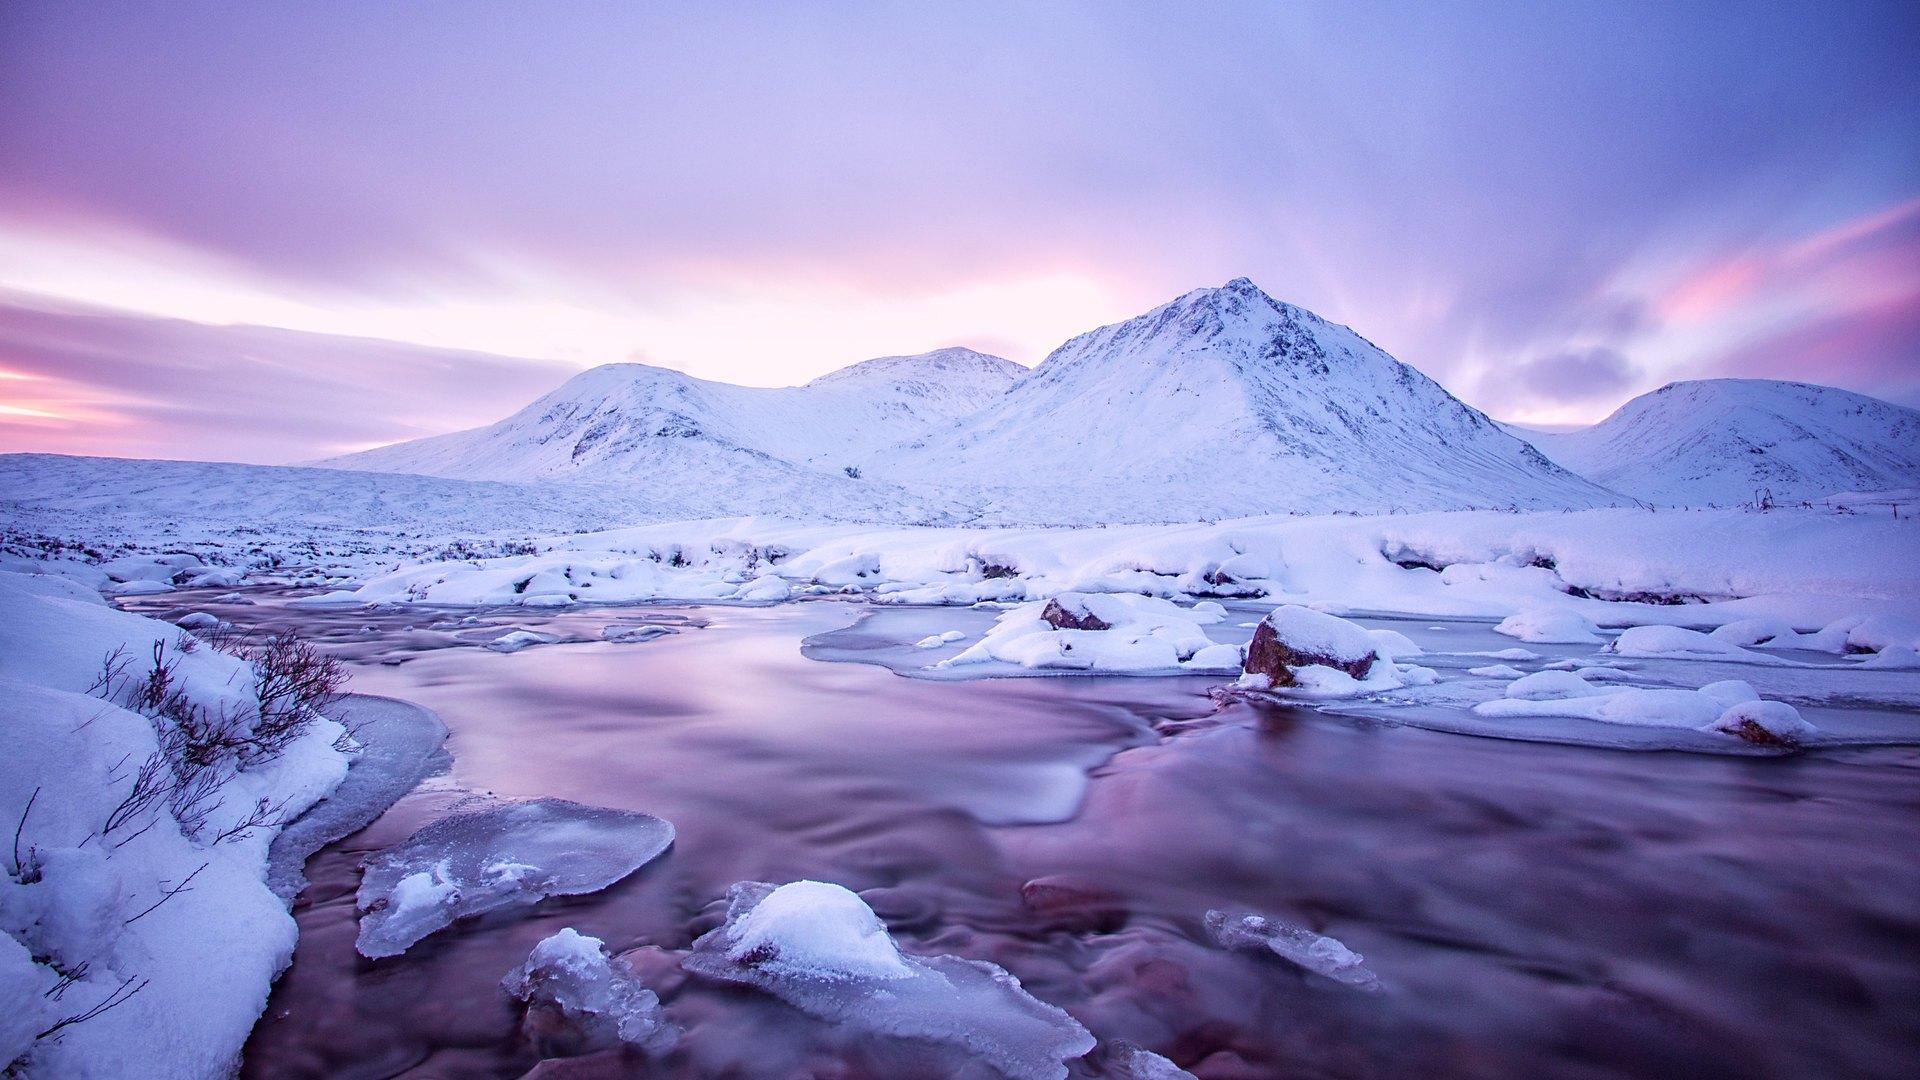 Картинки про новый год и зиму - самые удивительные и красивые 1